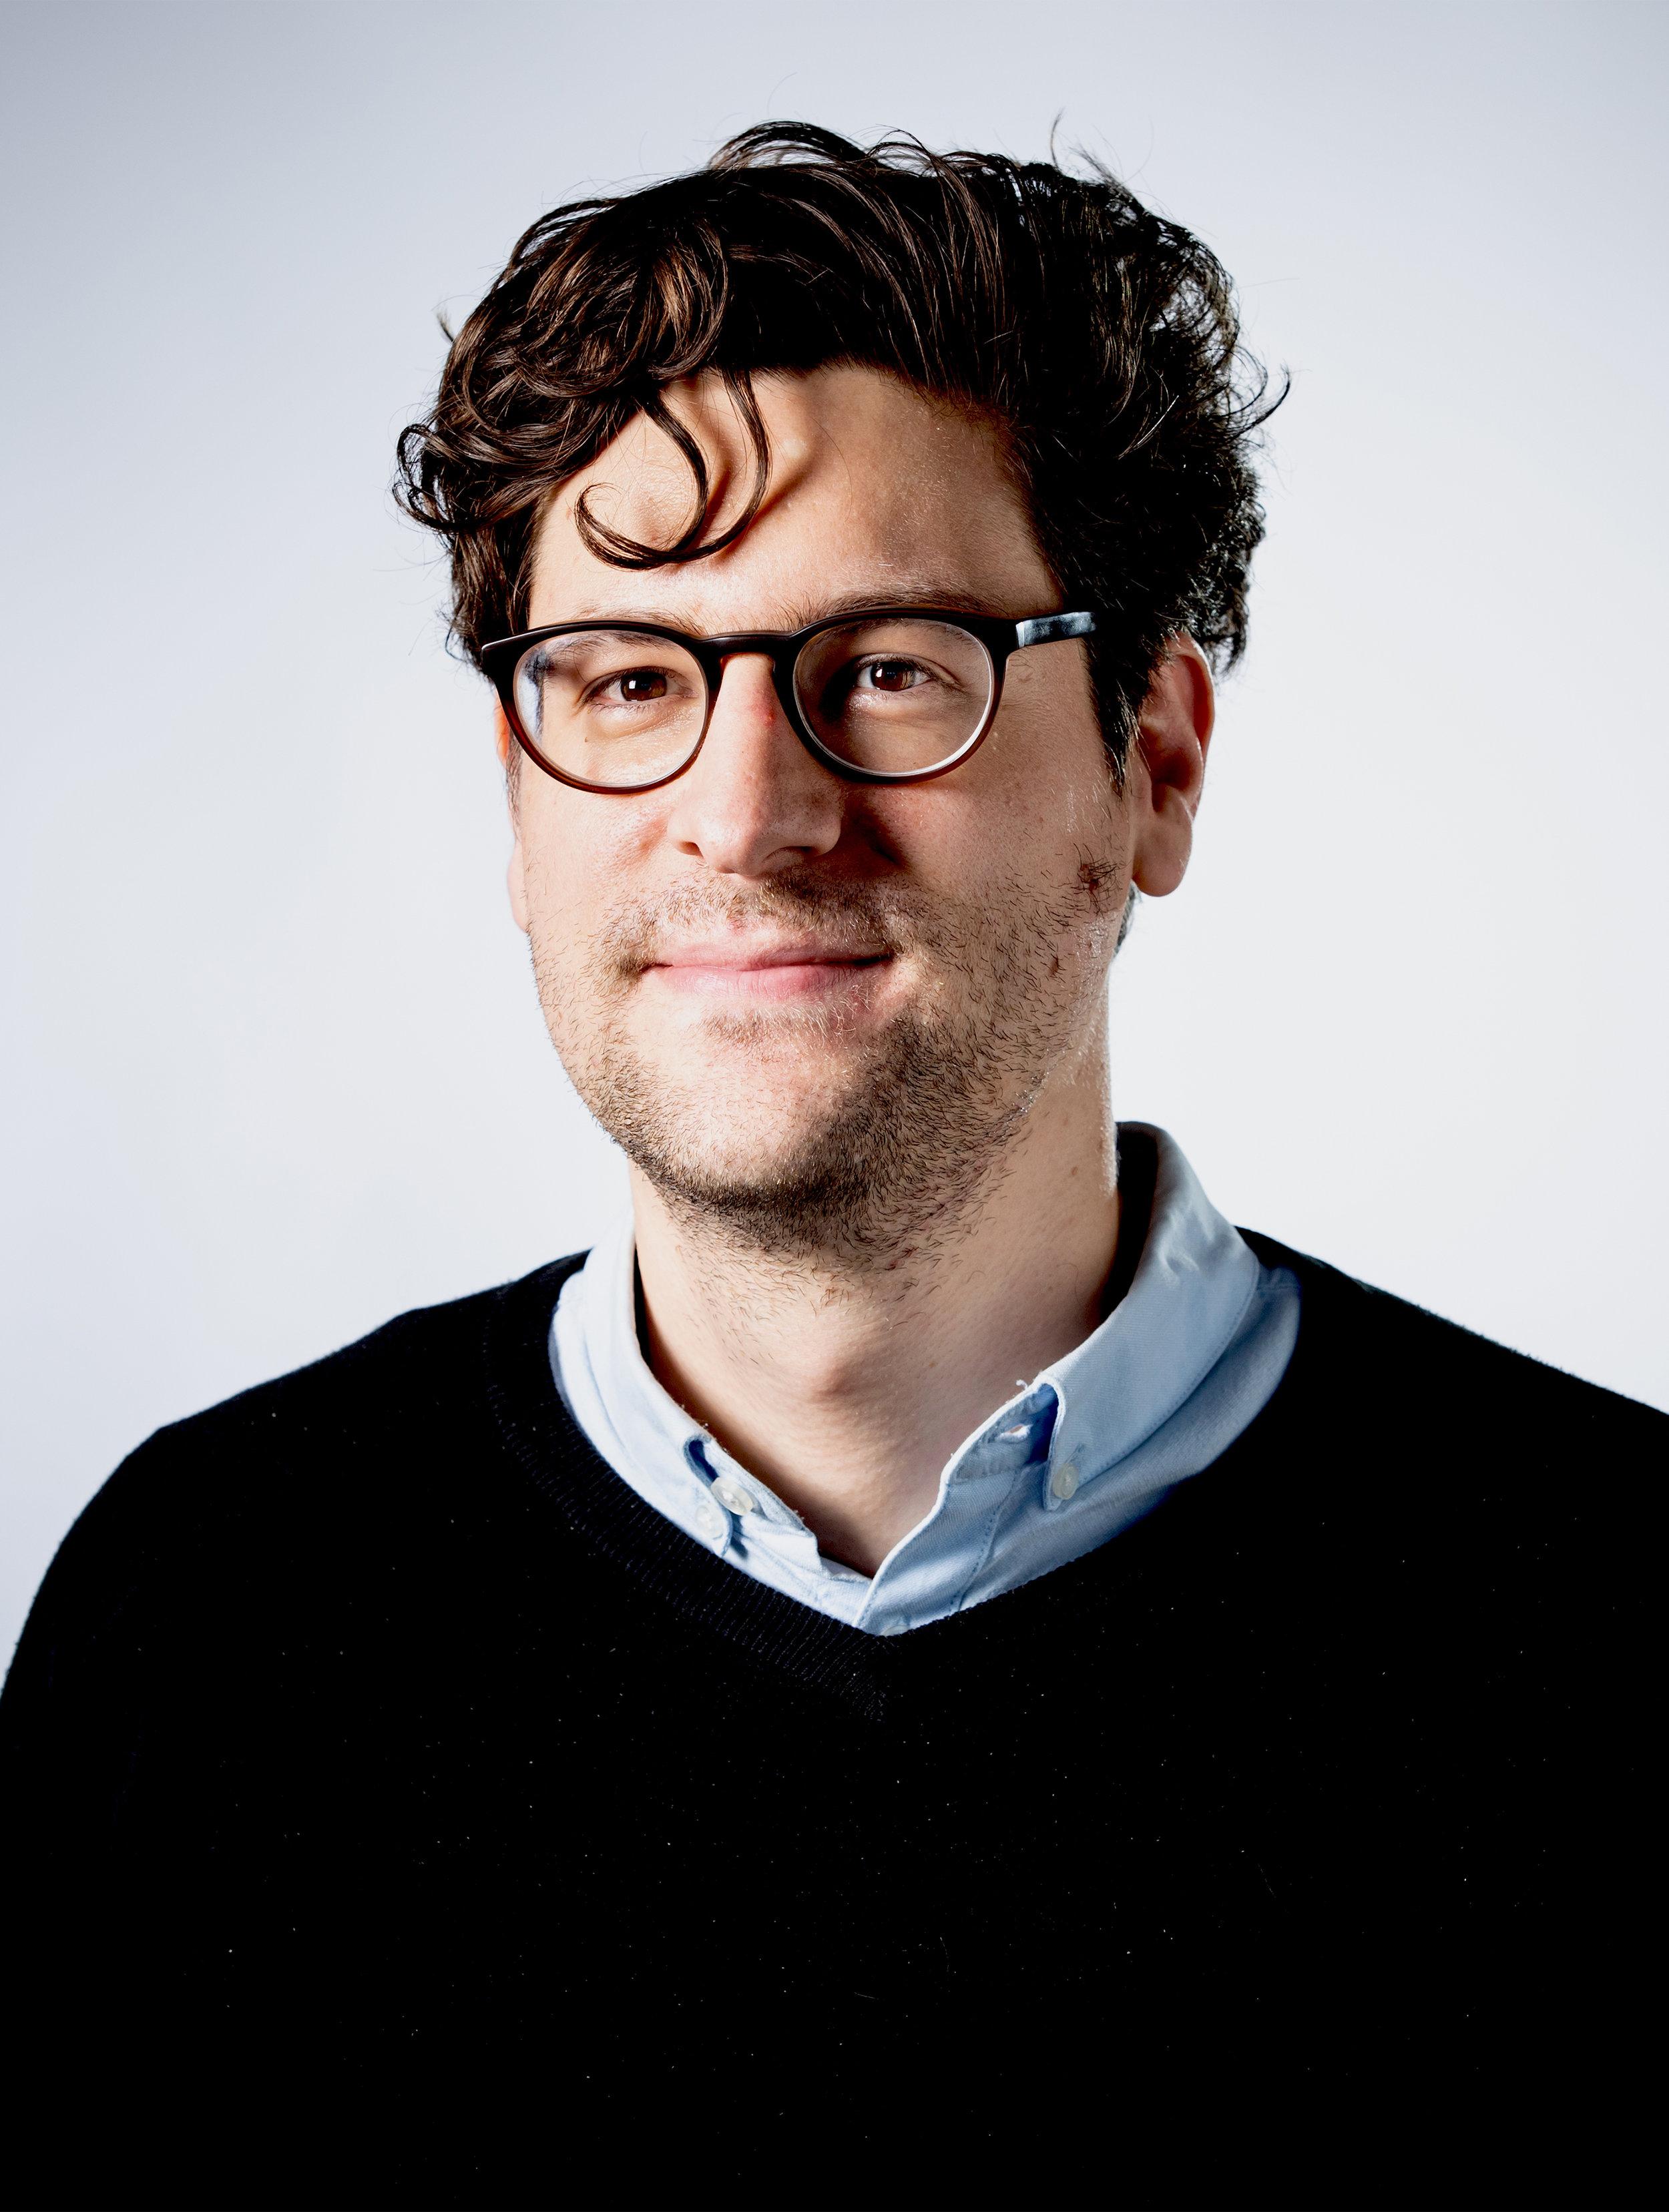 Linus Schöpfer - Linus Schöpfer, 1985 geboren, ist Kulturredakteur des Tages-Anzeiger.Er ist im Entlebuch aufgewachsen und hat in Bern und Berlin Literaturwissenschaften und Geschichte studiert.Bild © Fabienne Andreoli